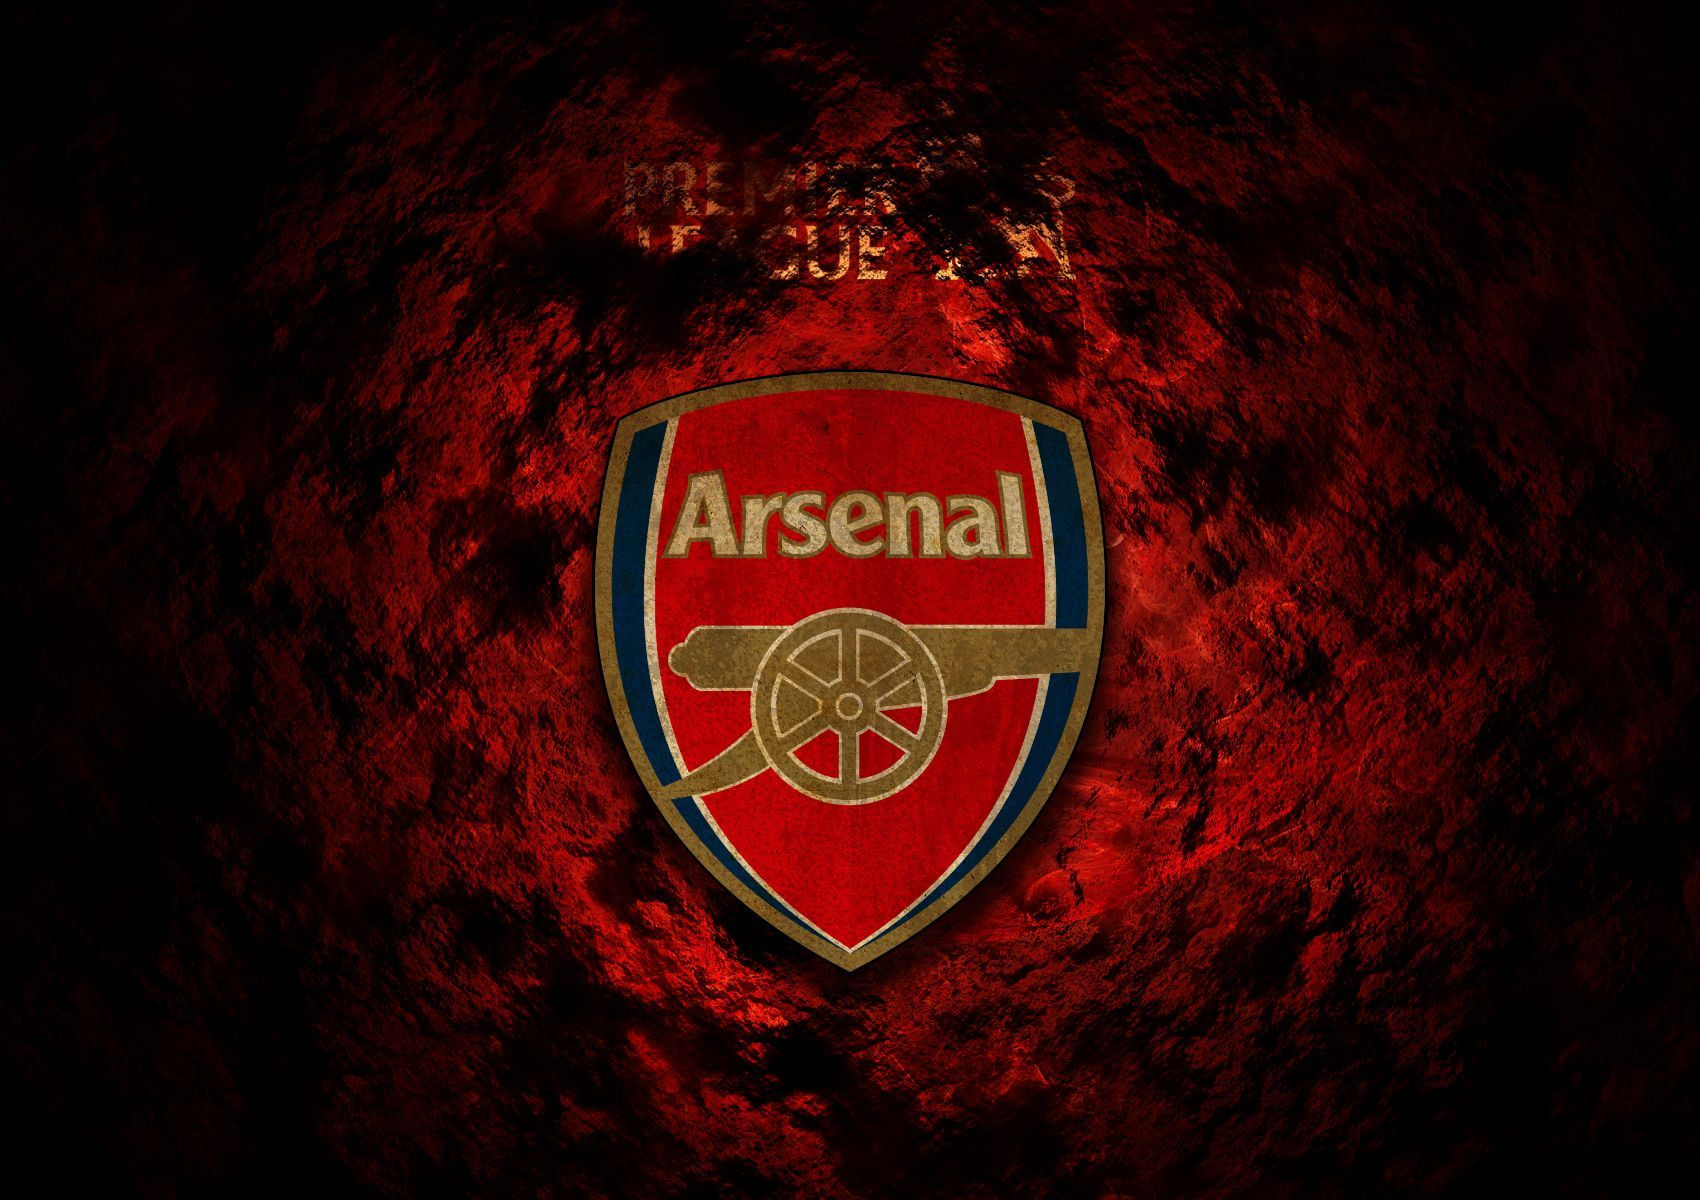 Arsenal Logo Desktop Wallpapers Top Free Arsenal Logo Desktop Backgrounds Wallpaperaccess